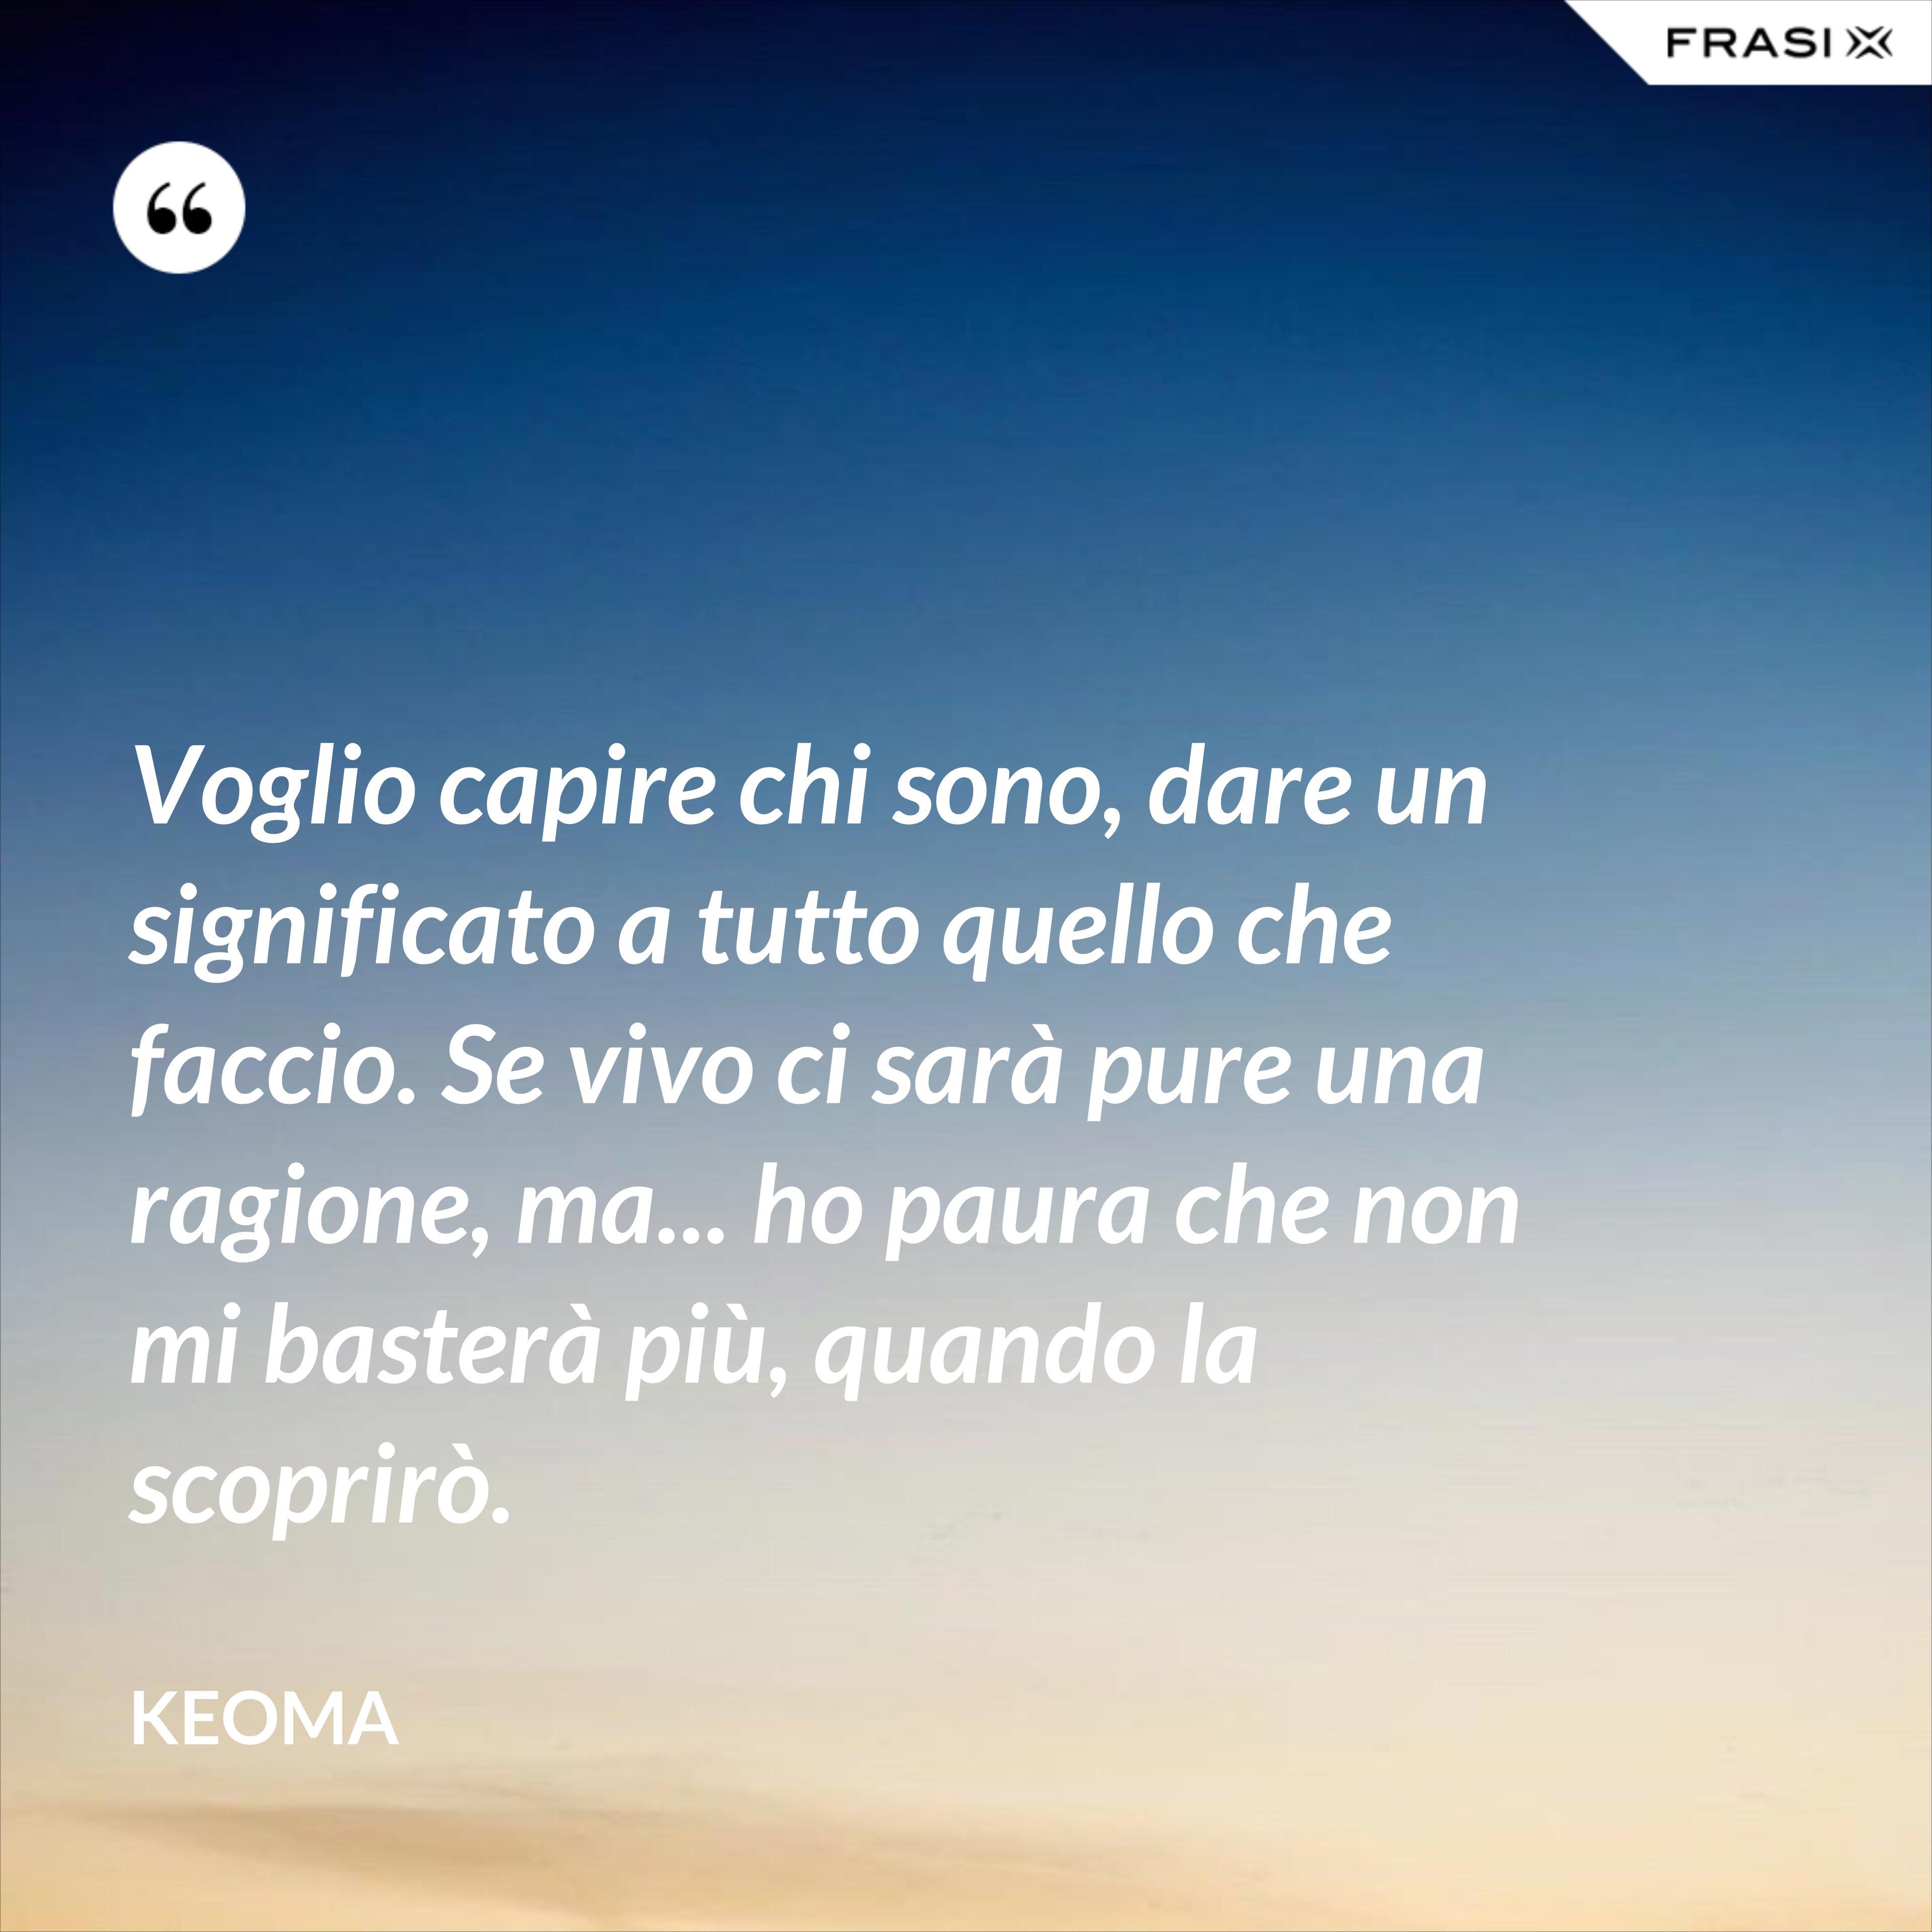 Voglio capire chi sono, dare un significato a tutto quello che faccio. Se vivo ci sarà pure una ragione, ma... ho paura che non mi basterà più, quando la scoprirò. - Keoma